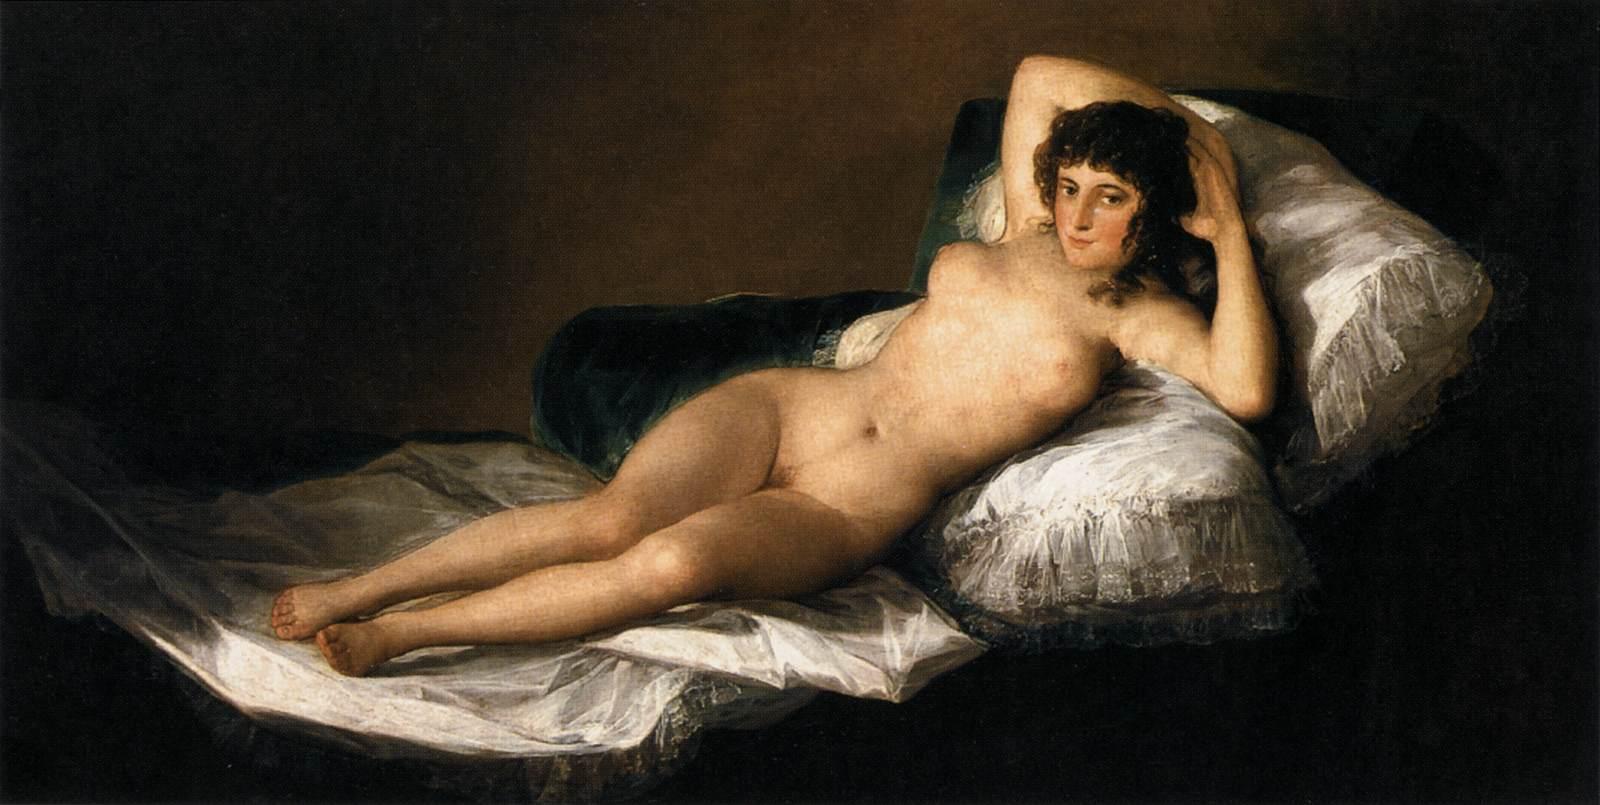 Проститутка олимпия все включено 1 фотография